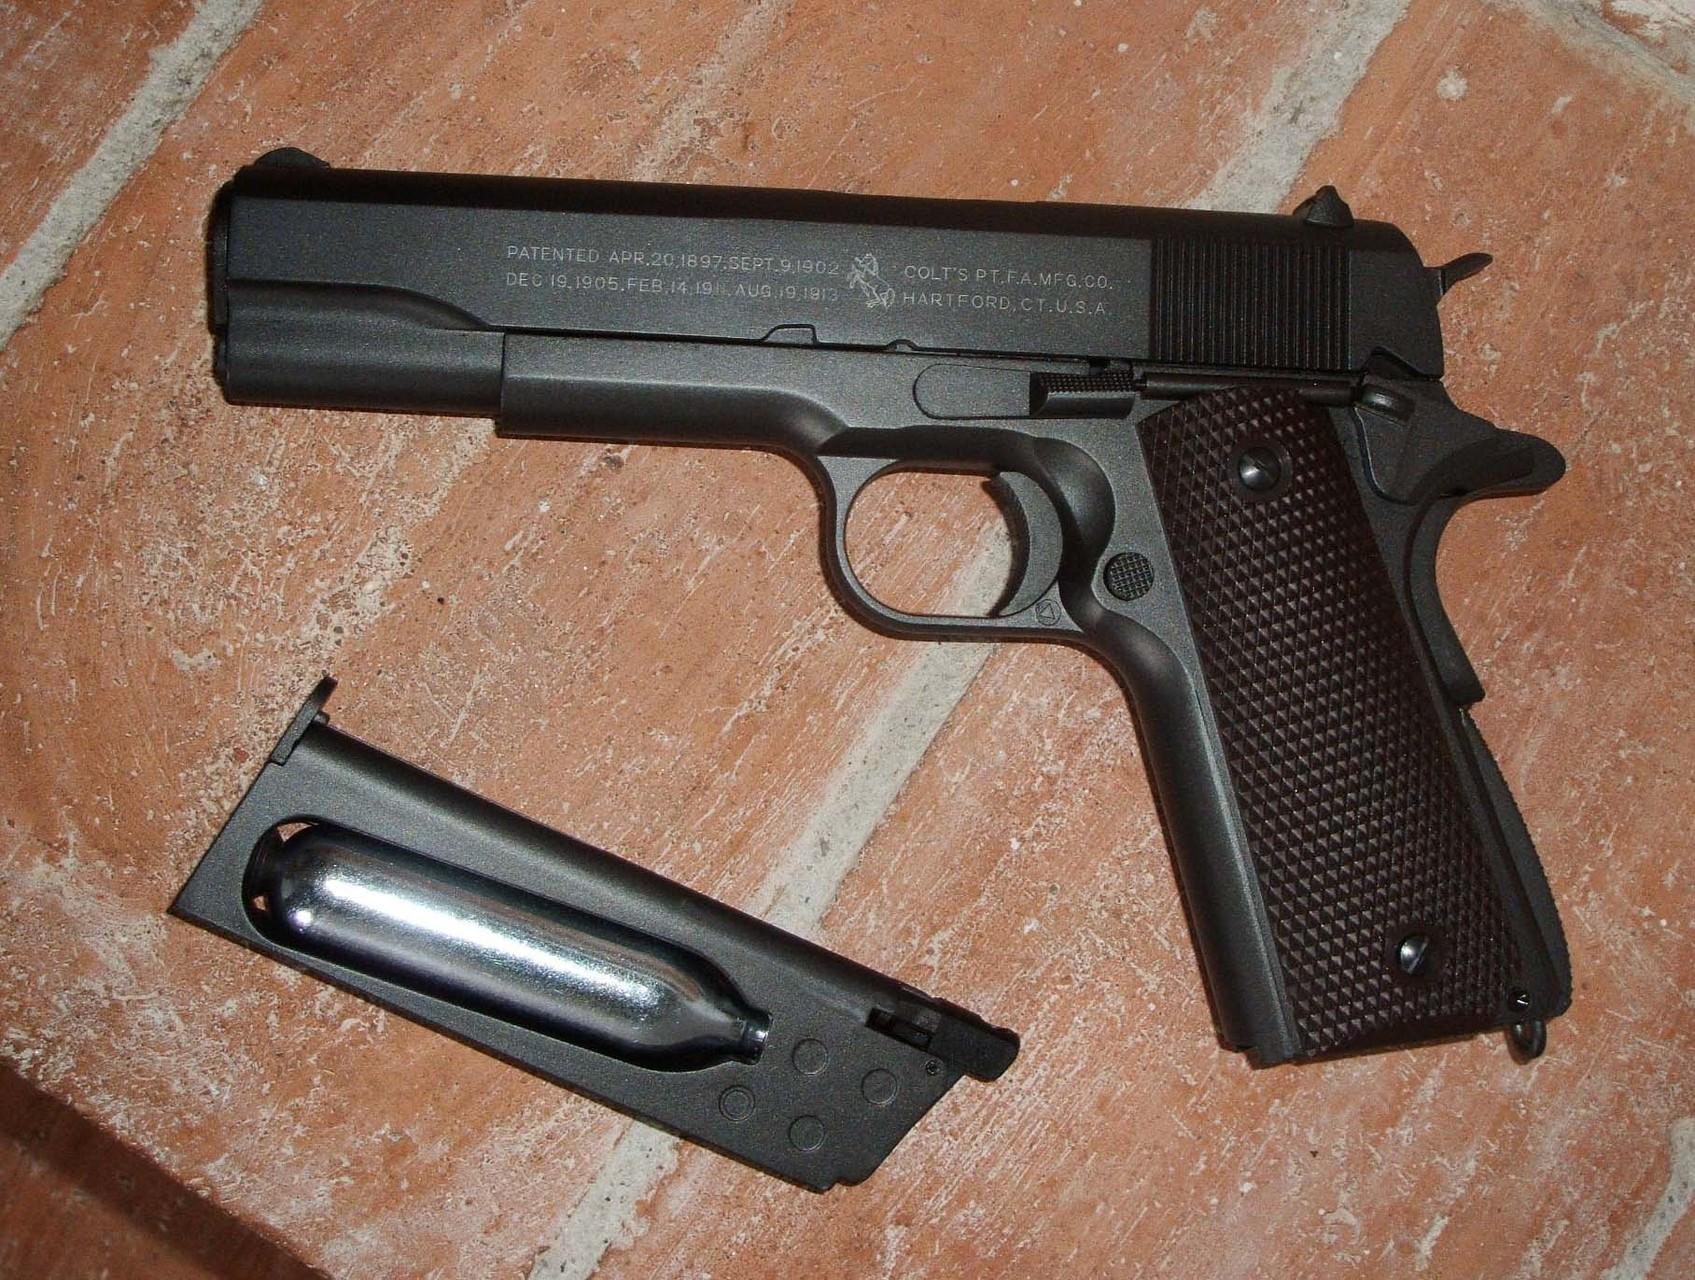 Colt M1911 a CO2